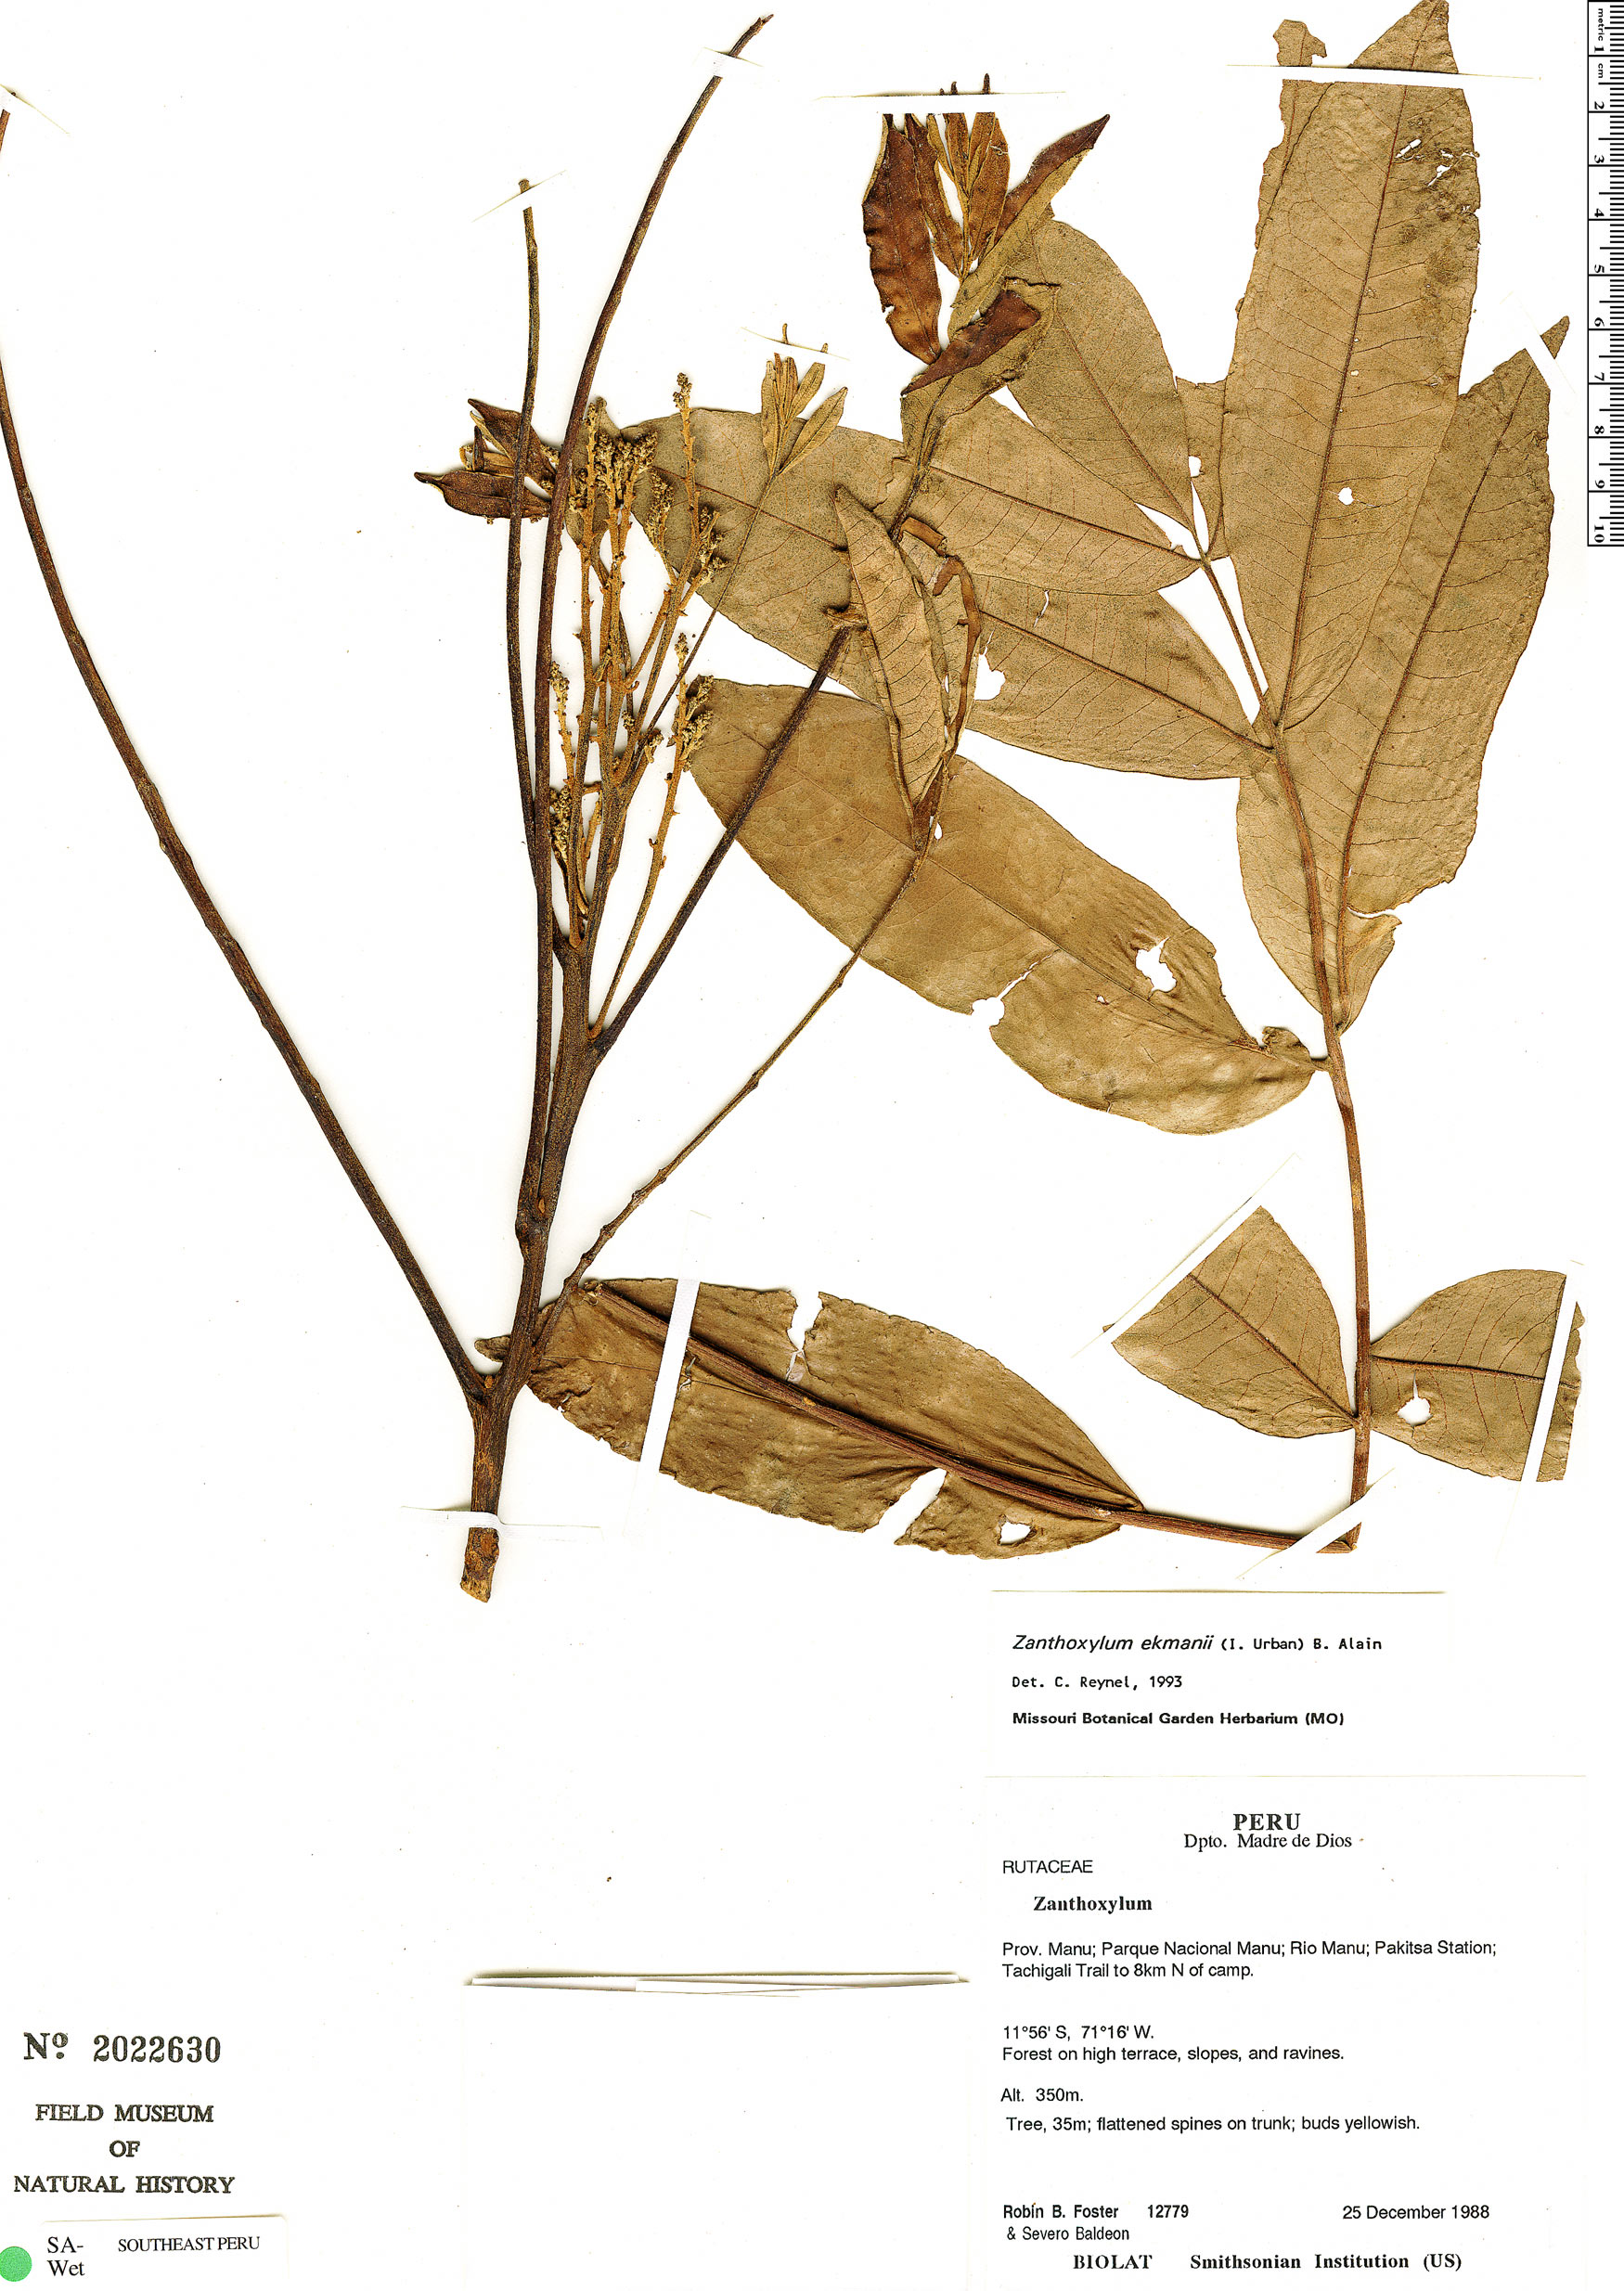 Specimen: Zanthoxylum ekmanii